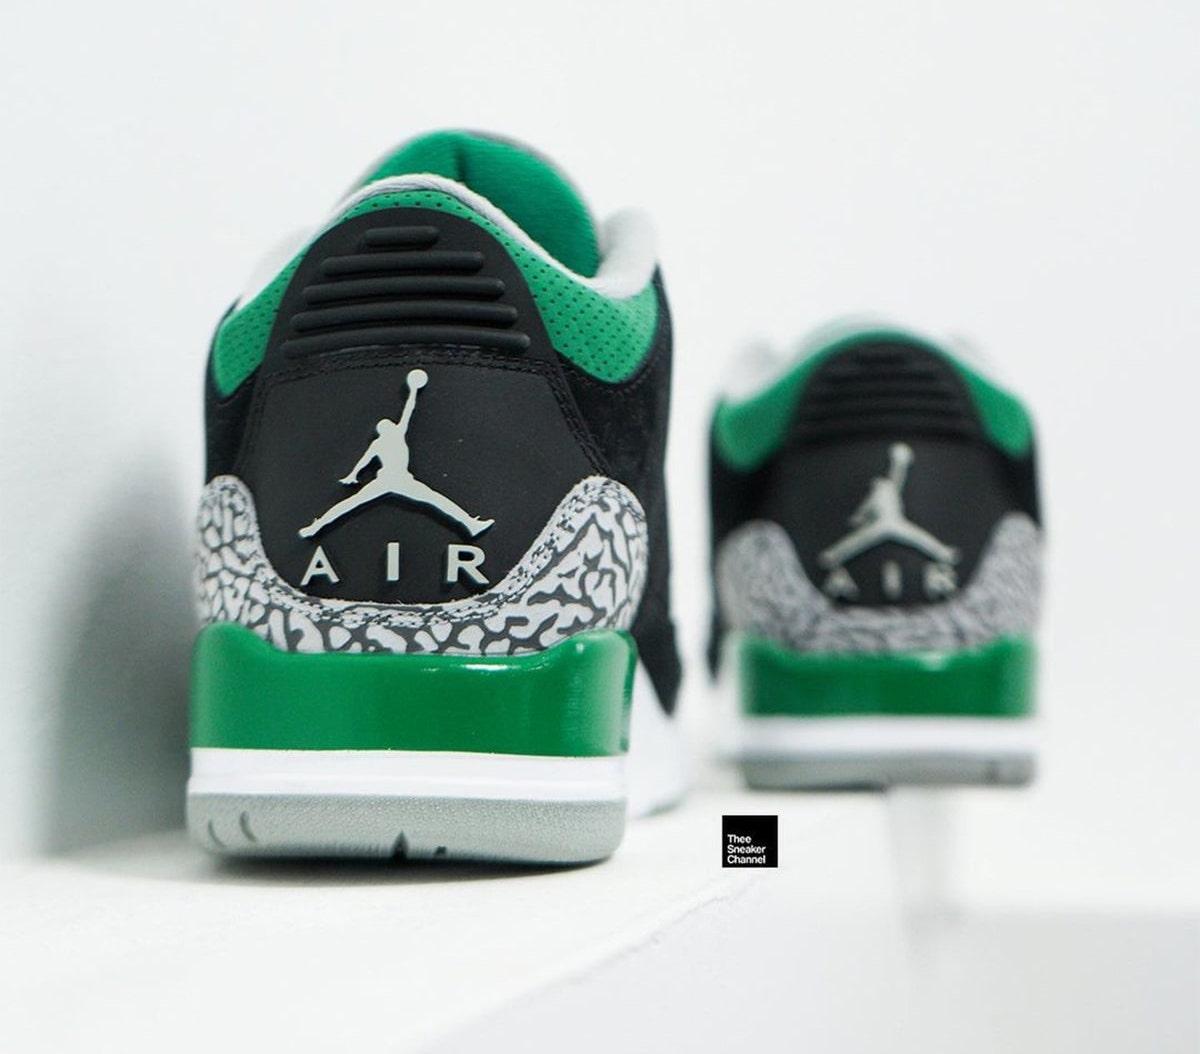 Air Jordan 3,AJ3,CT8532-030,Pi  「俄勒冈」配色!全新 AJ3 高清美图曝光!